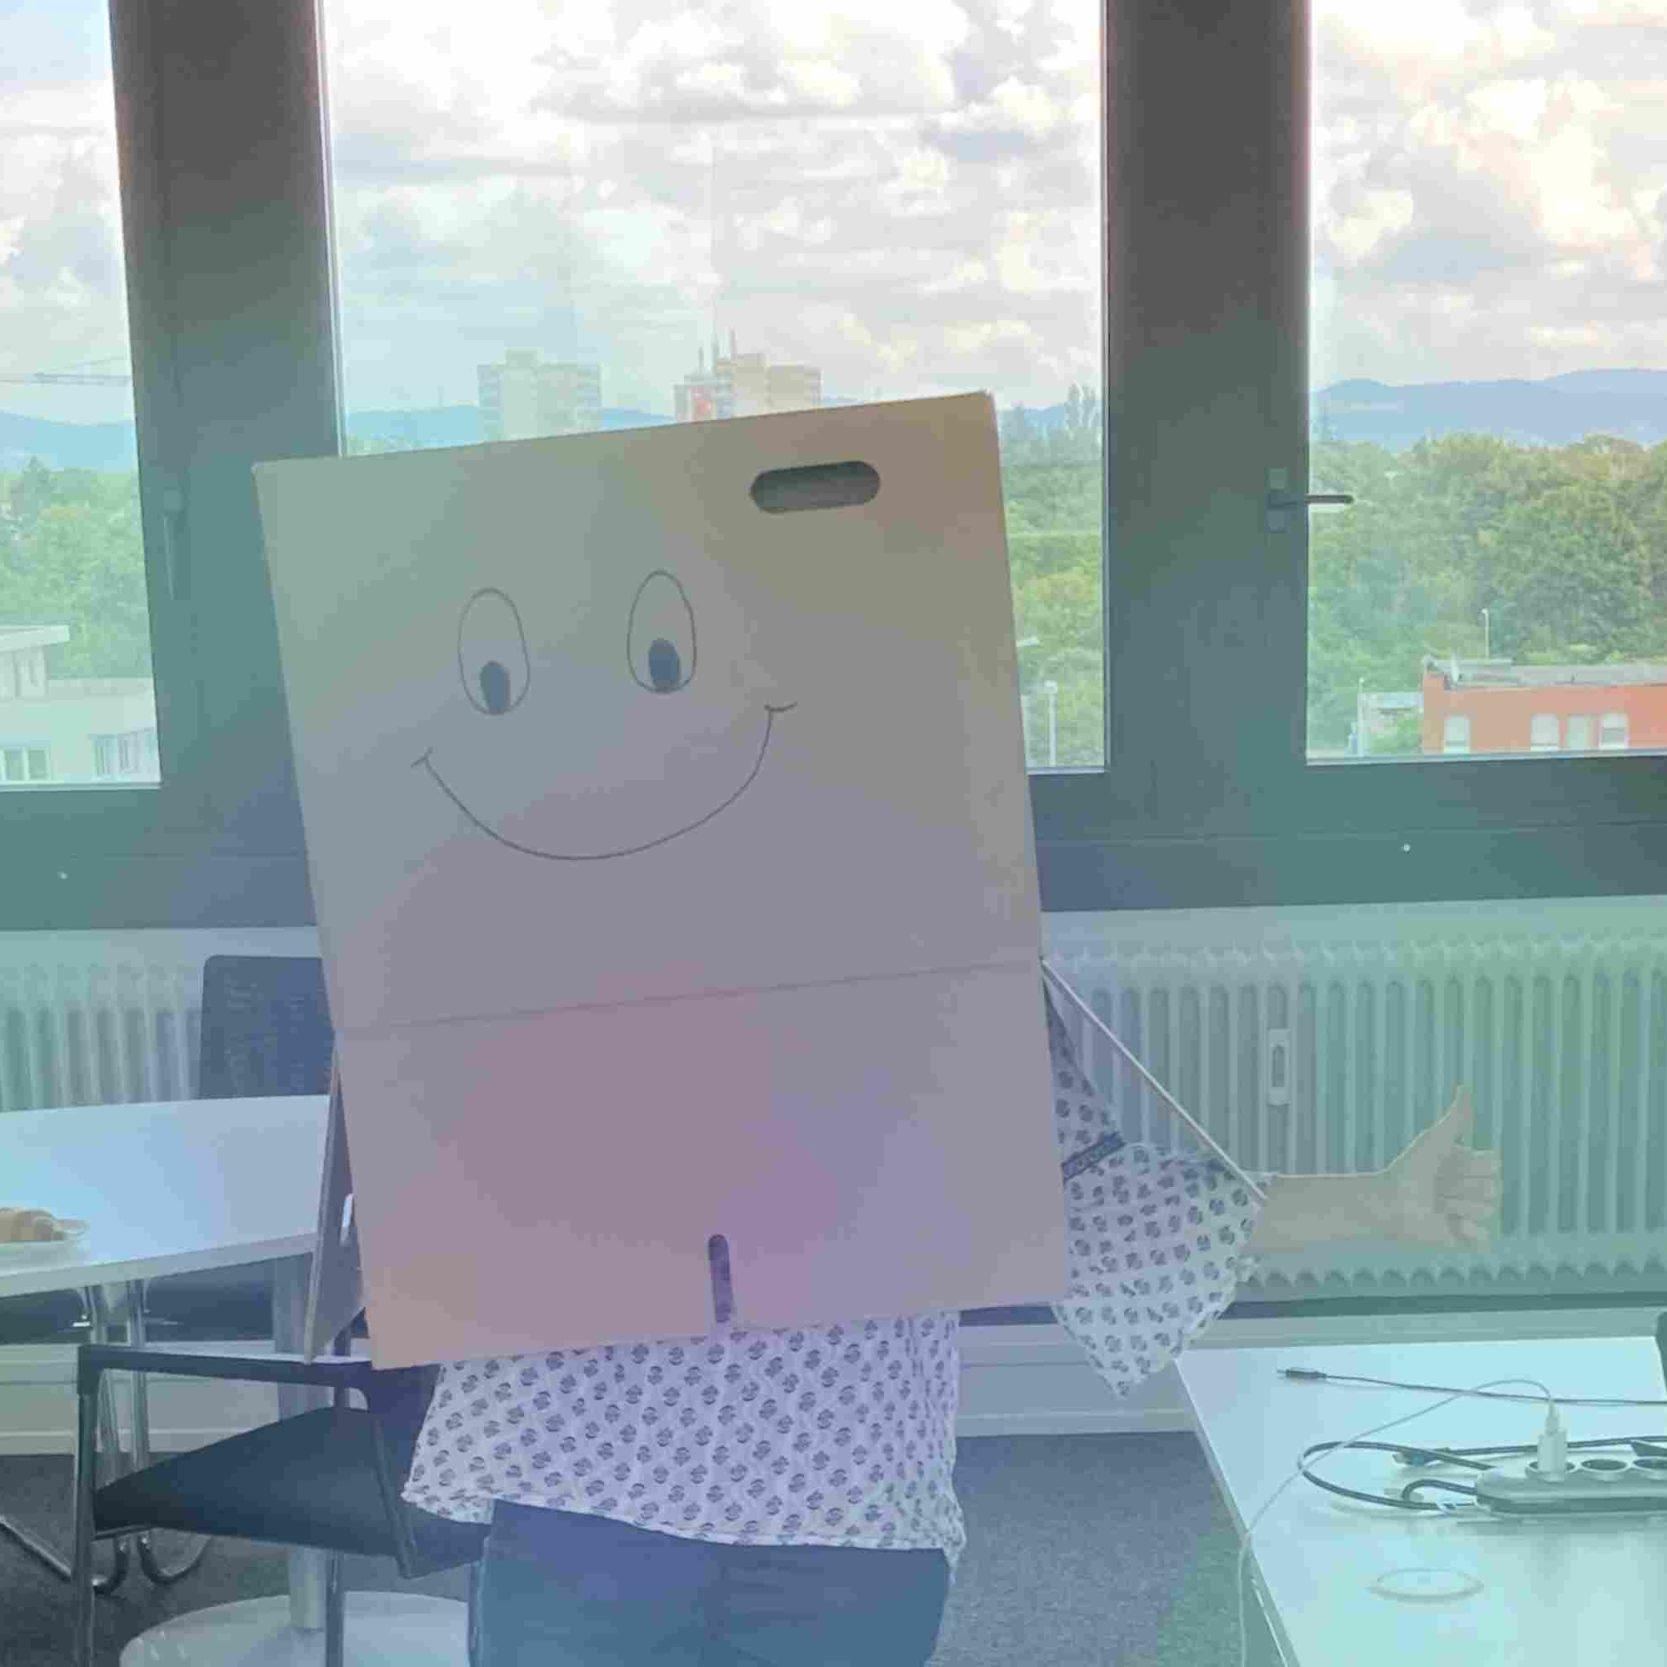 Büroräume von Infocient mit Karton